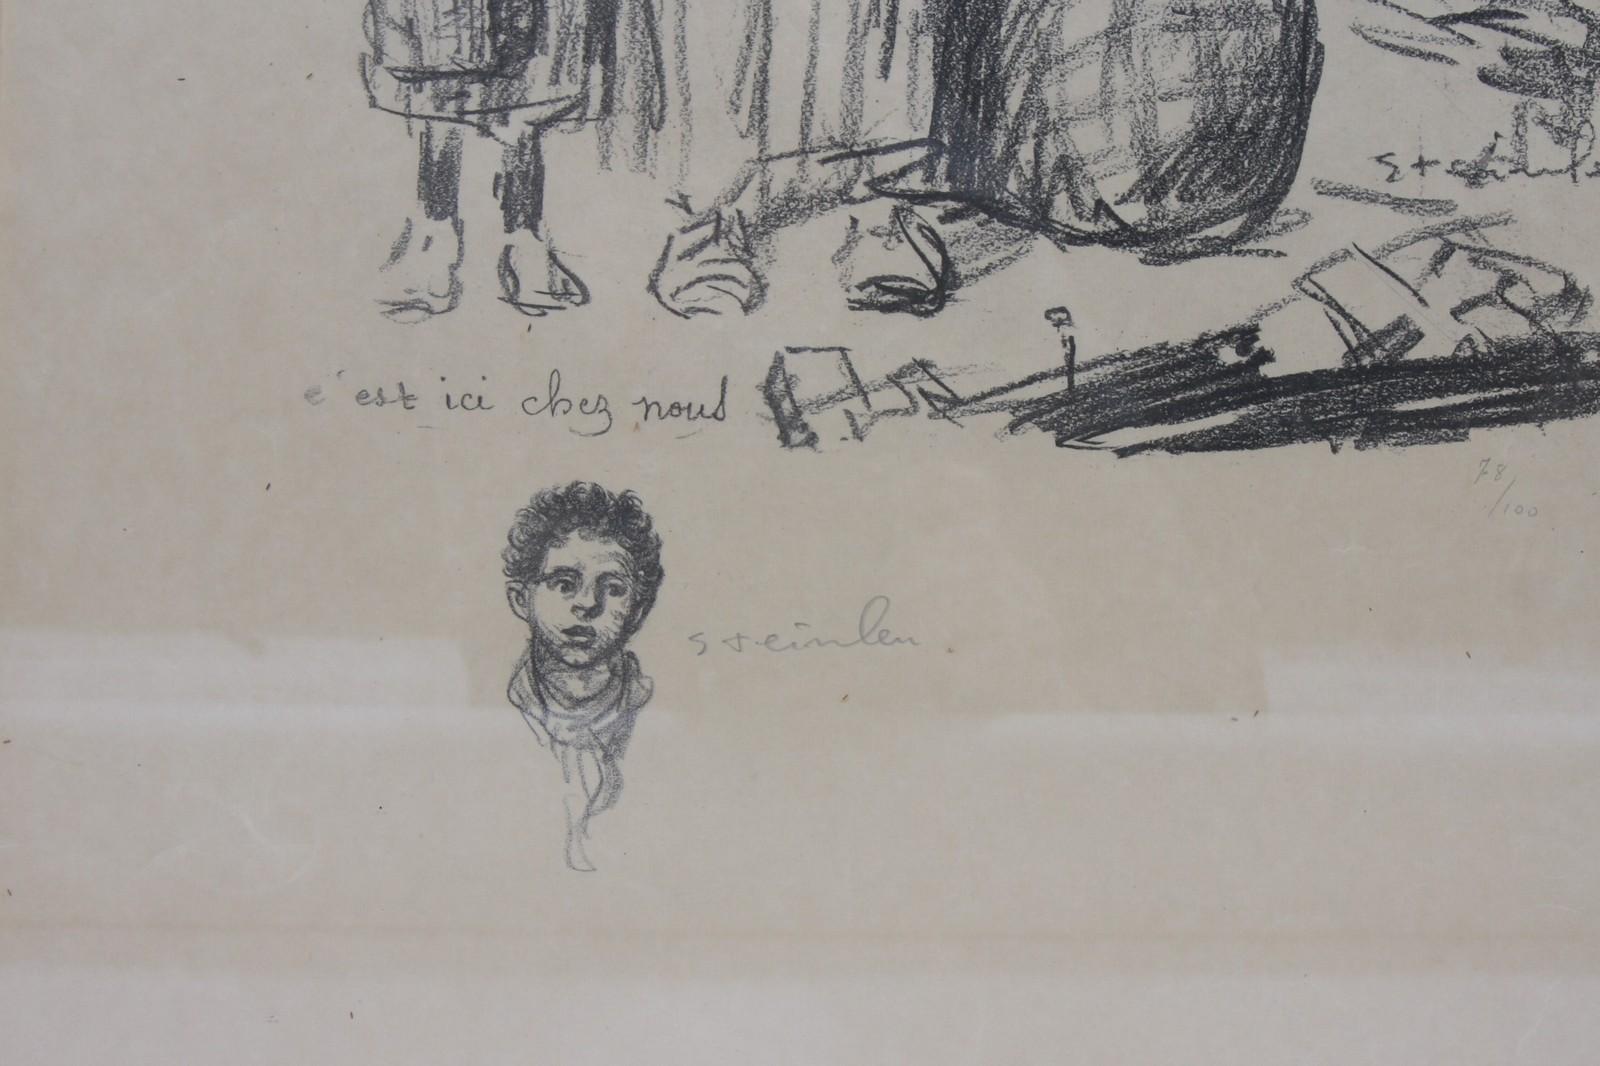 LITHOGRAPHIE DE STEINLEN En noir et blanc, encadrée, représentant cinq enfants adossés à un mur. - Image 2 of 2